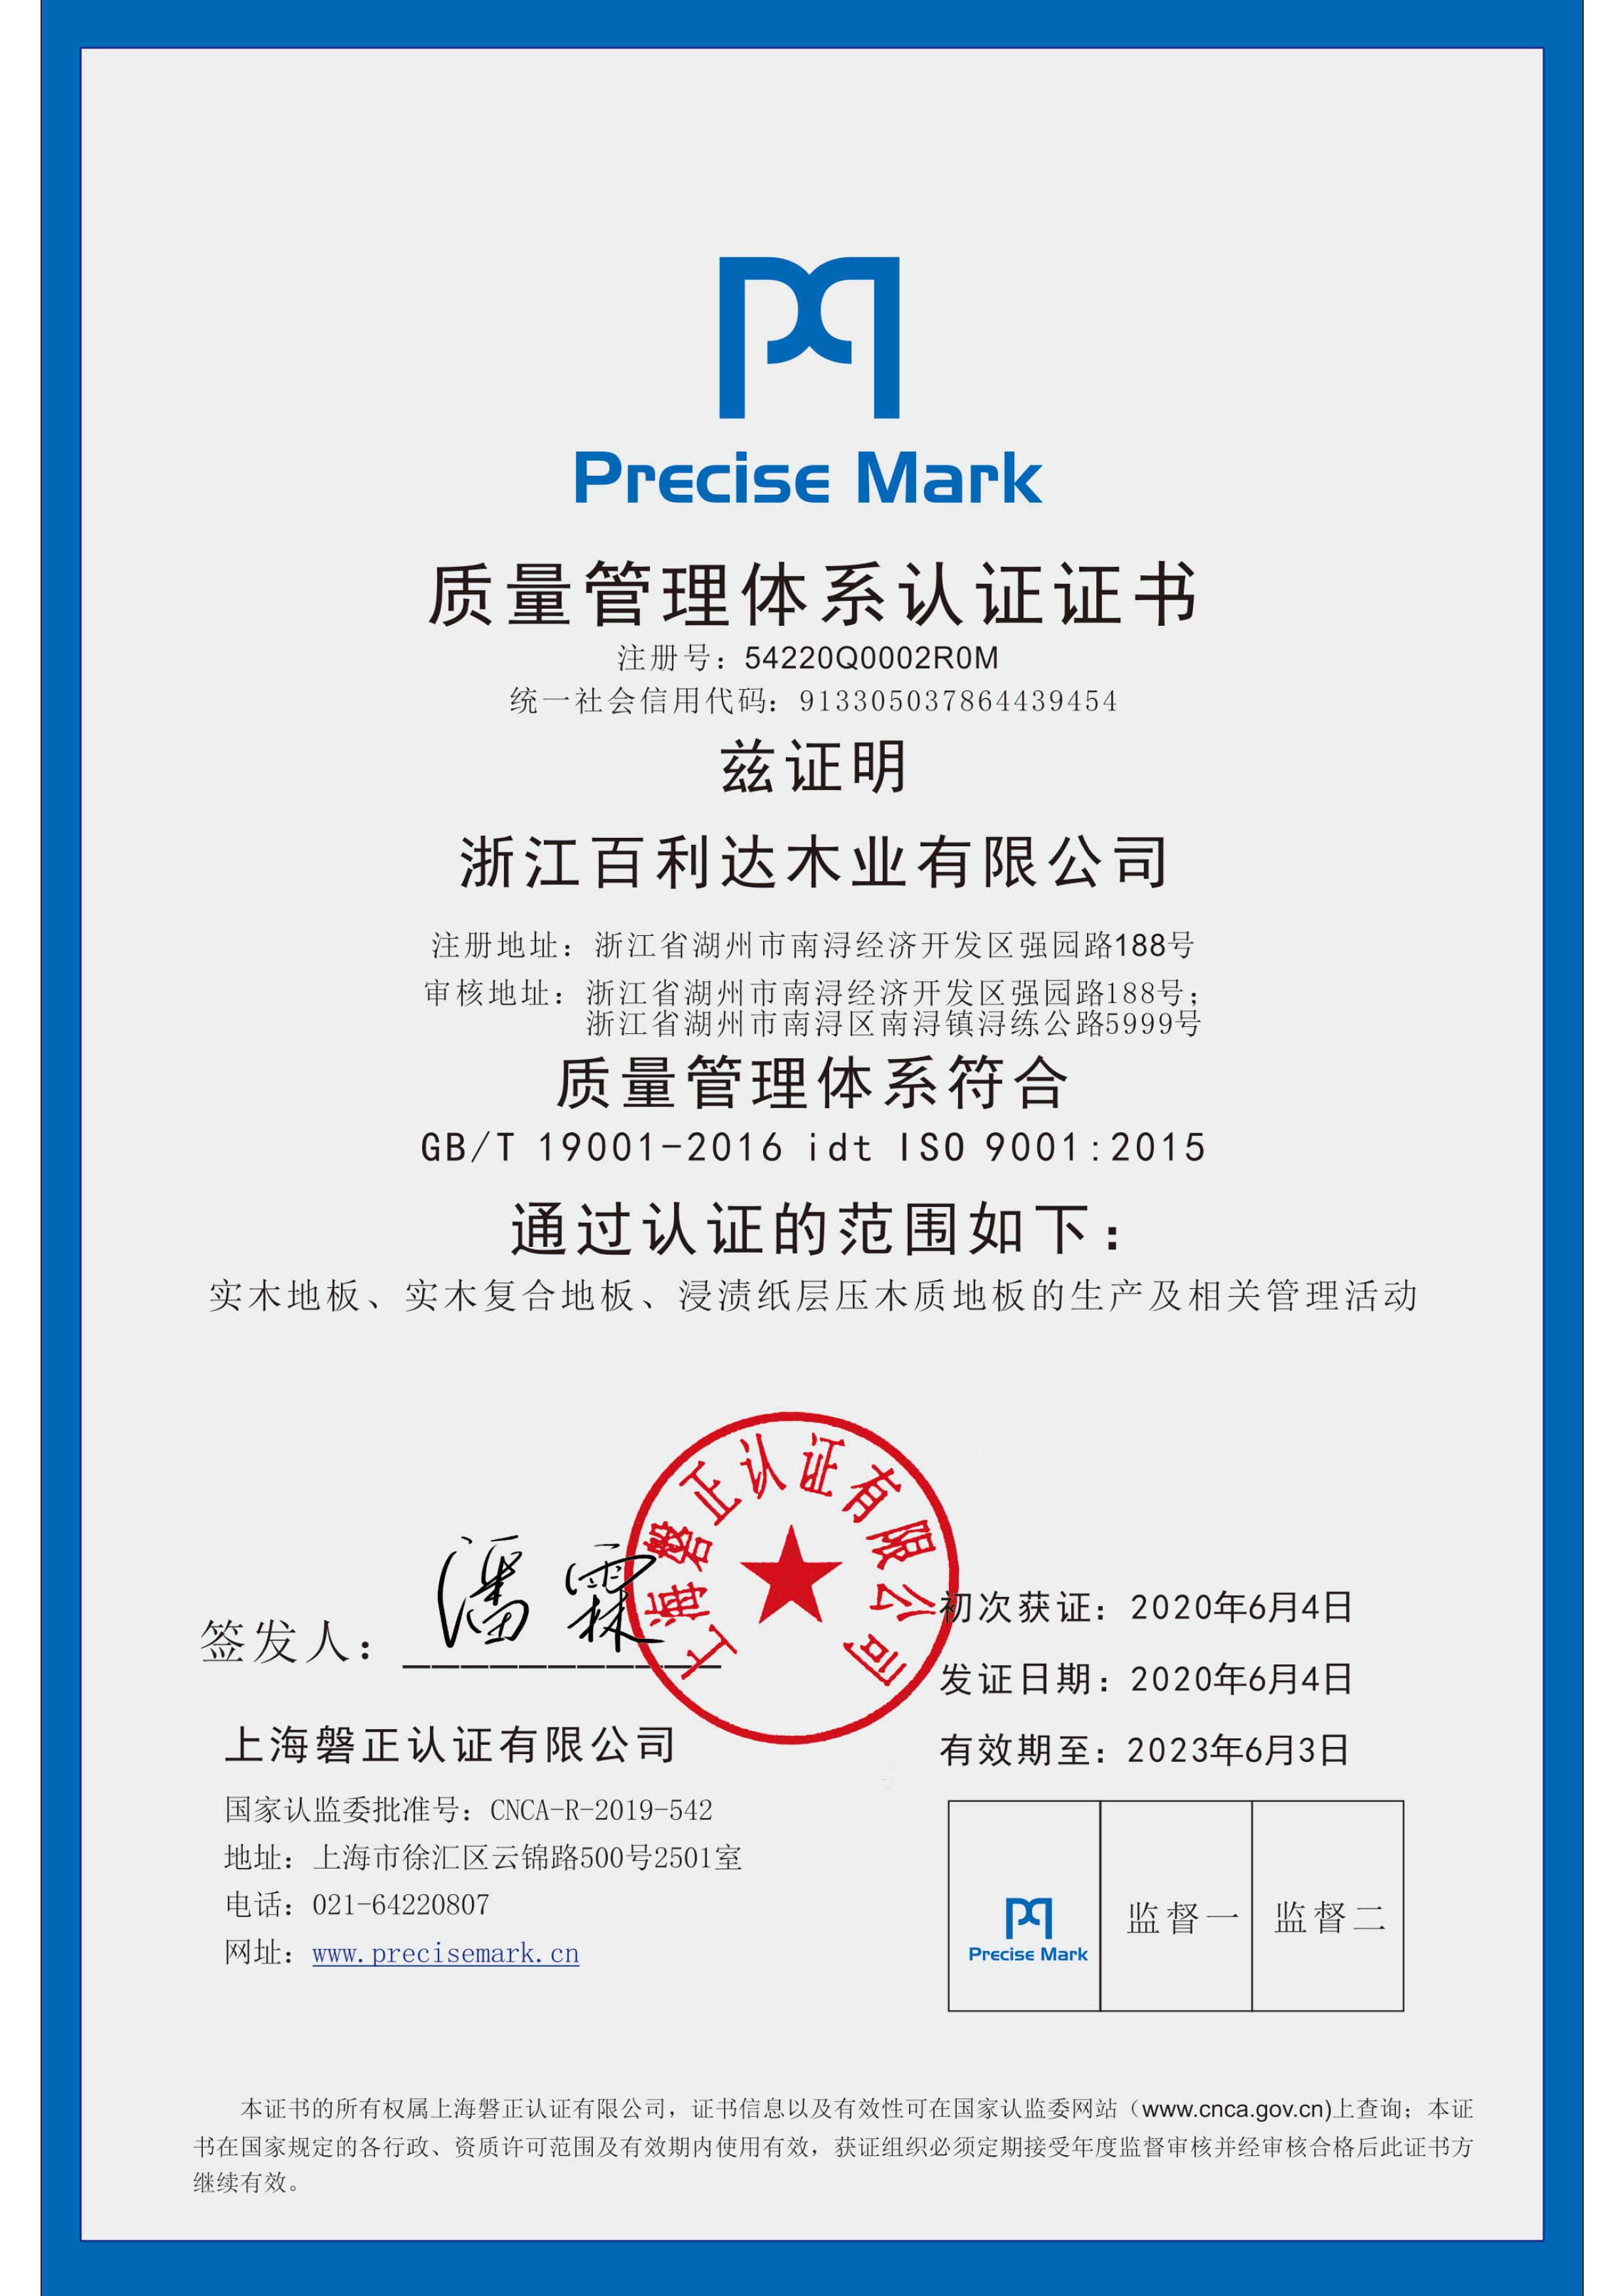 2020质量管理体系认证